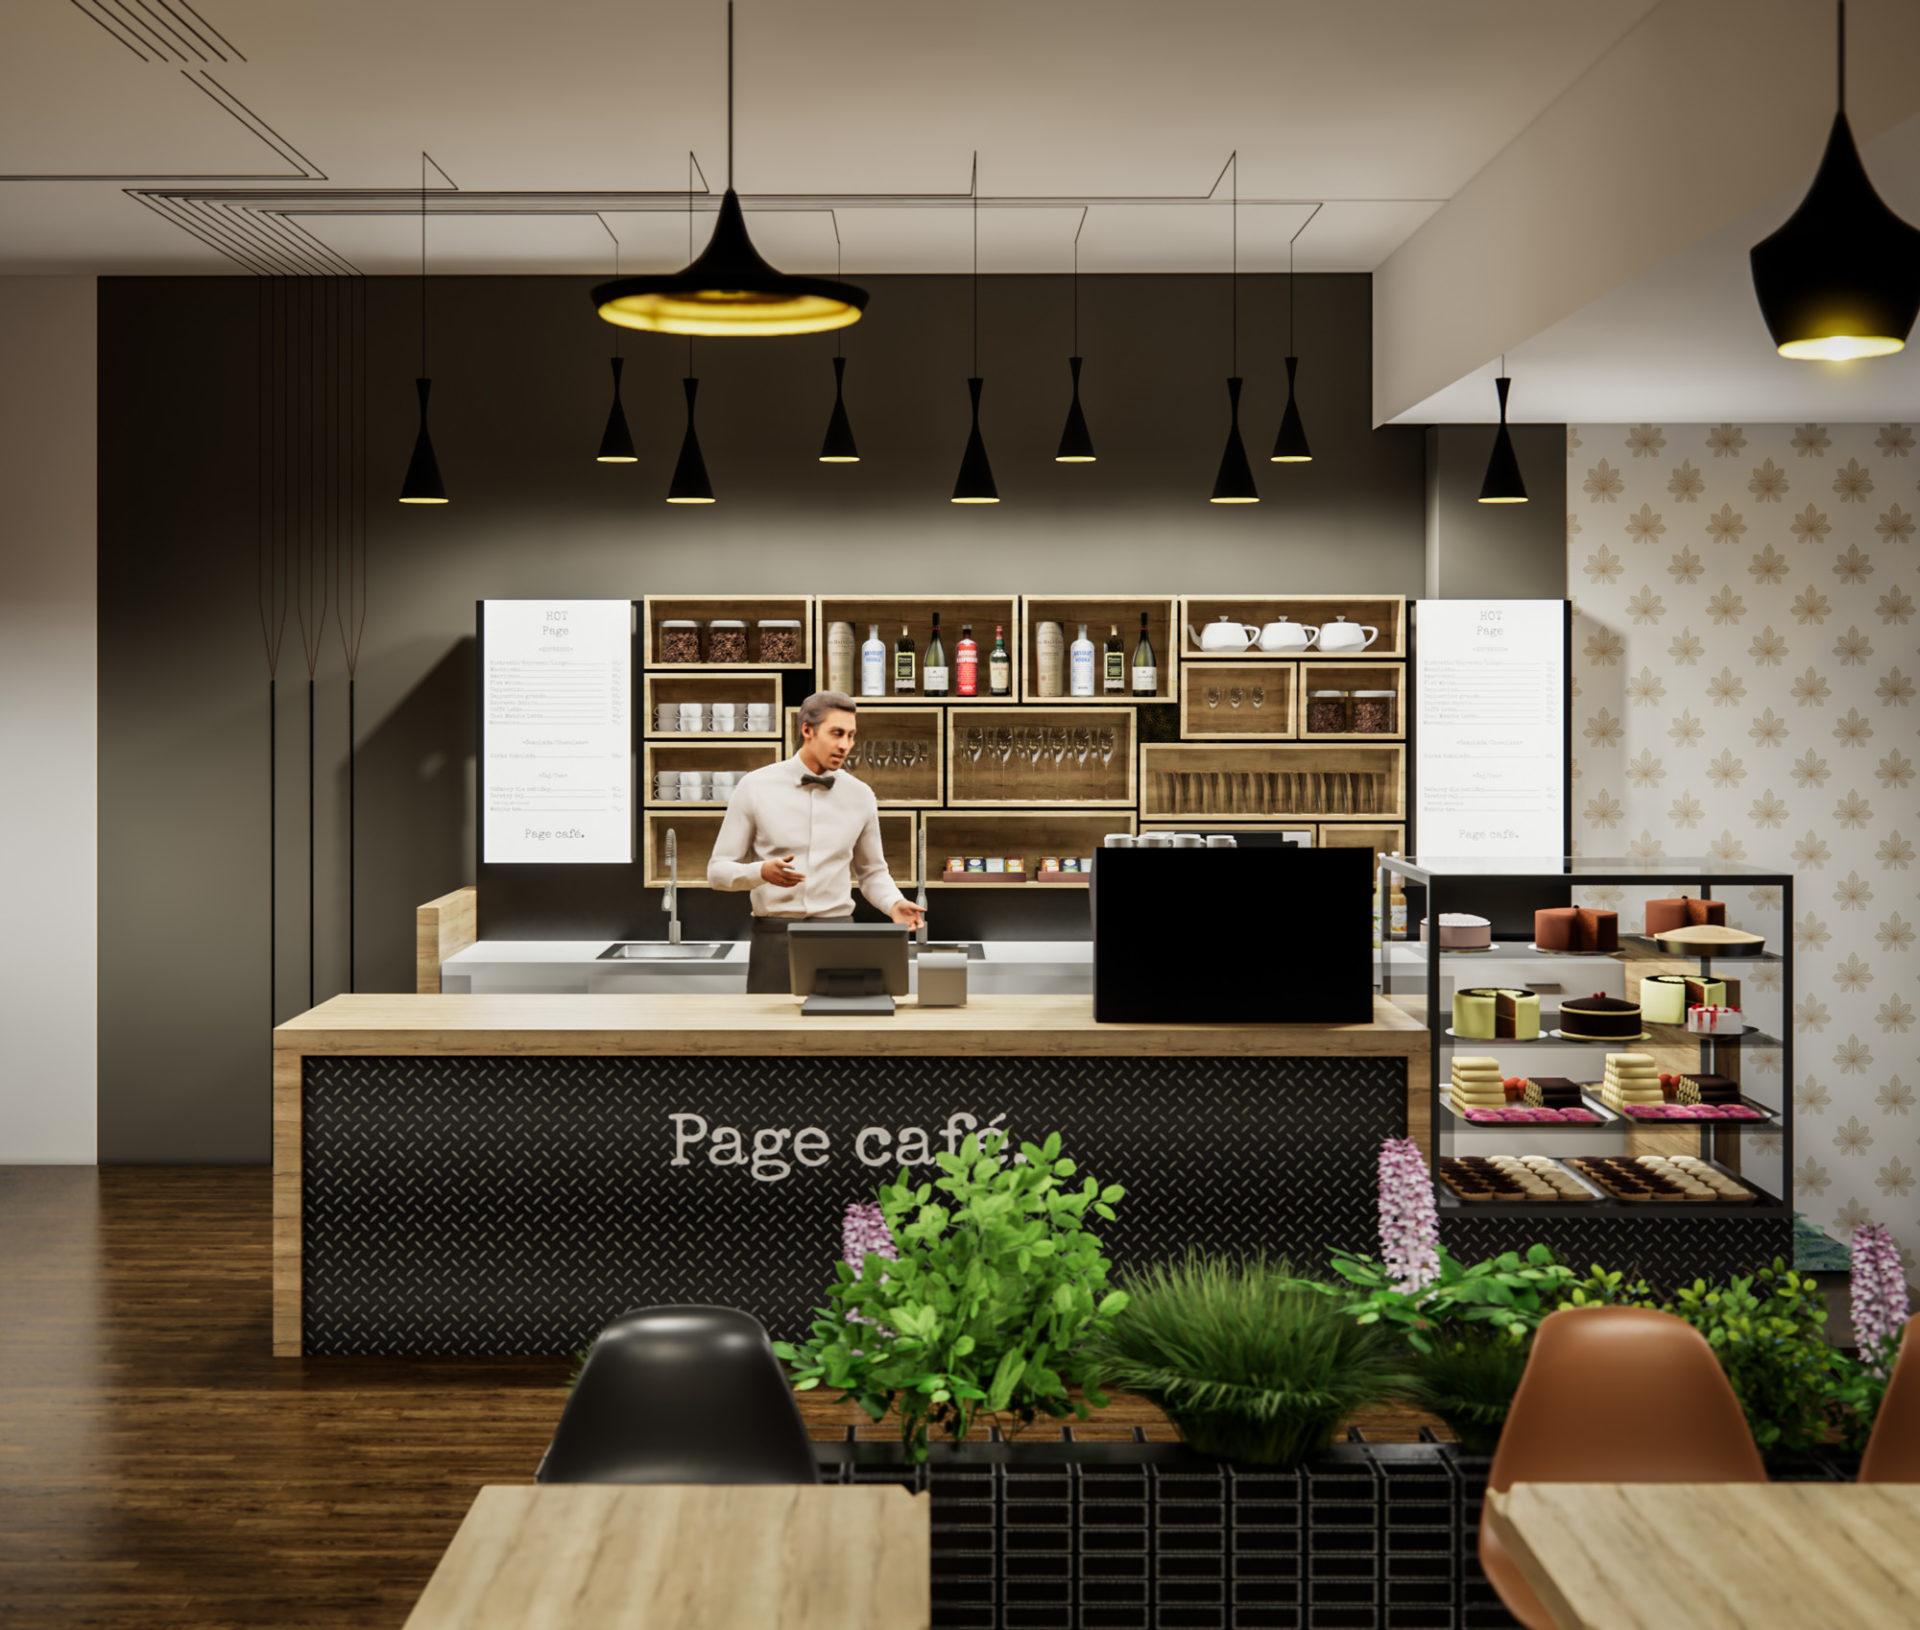 Page Café, kavárna, Praha, návrh interiéru, komerční interiér, architektura, design, produktový design